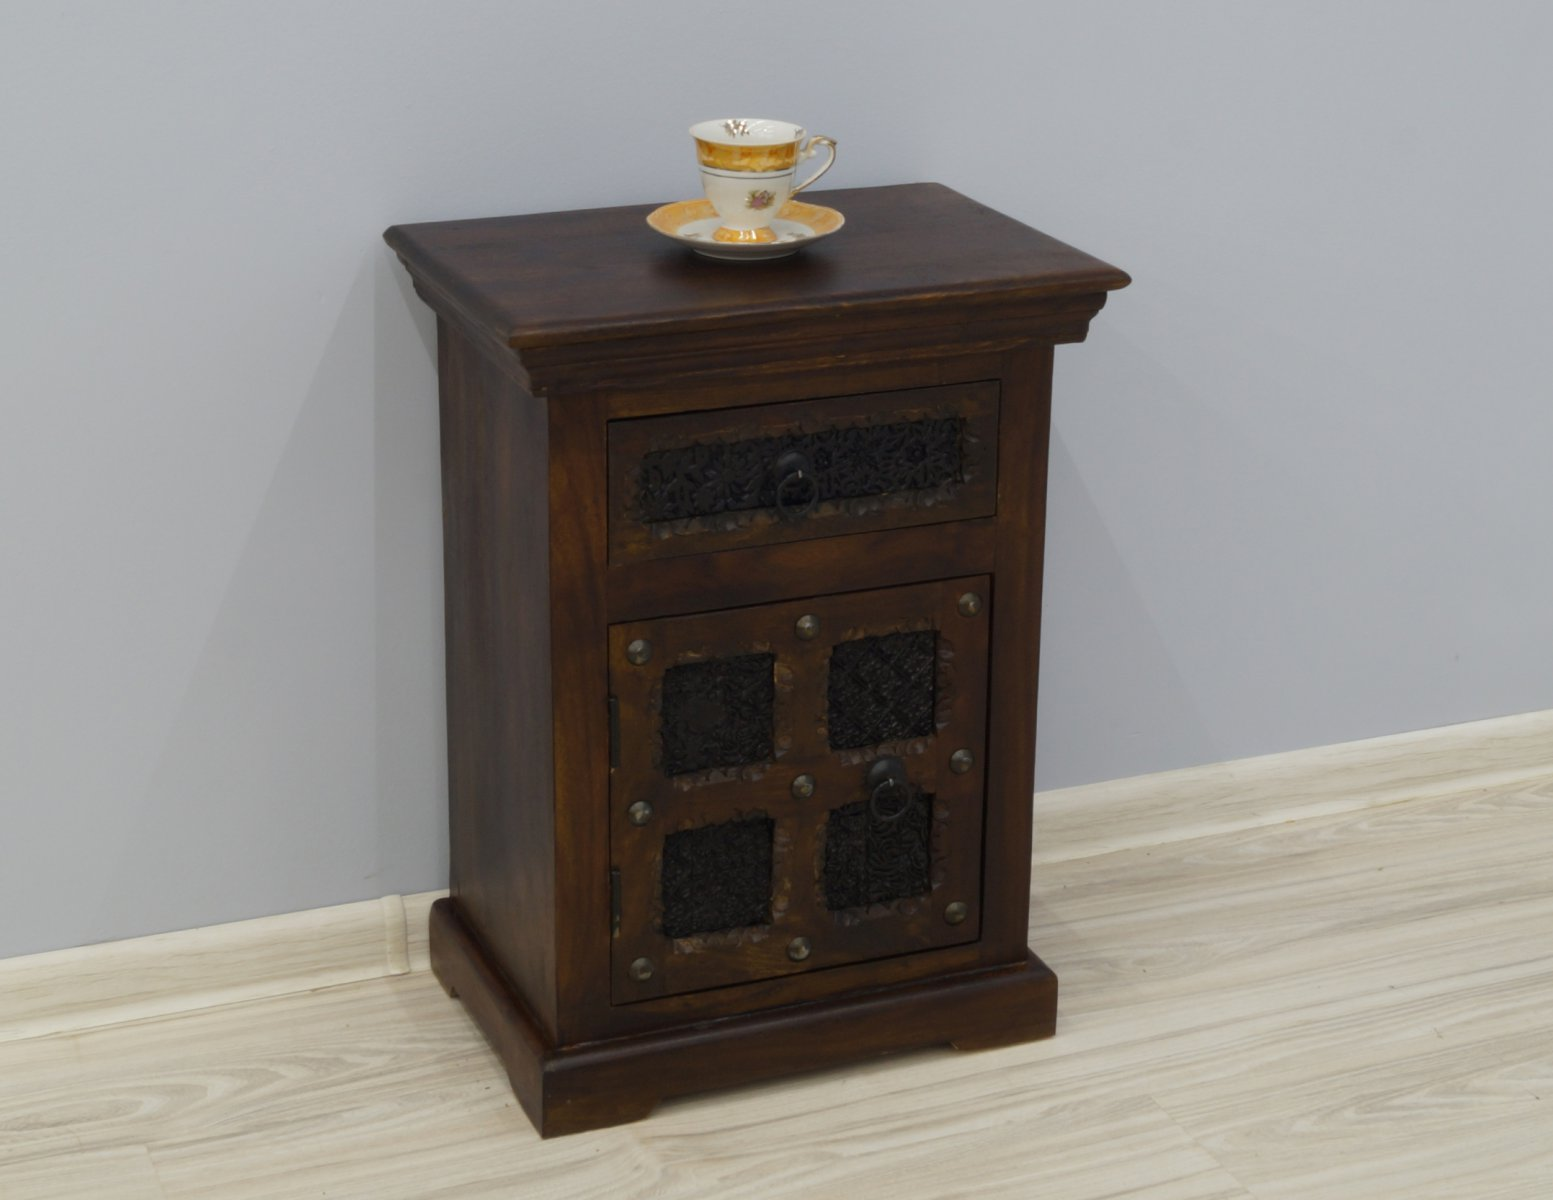 Szafka nocna stolik nocny lite drewno palisander indyjski ręcznie rzeźbiona